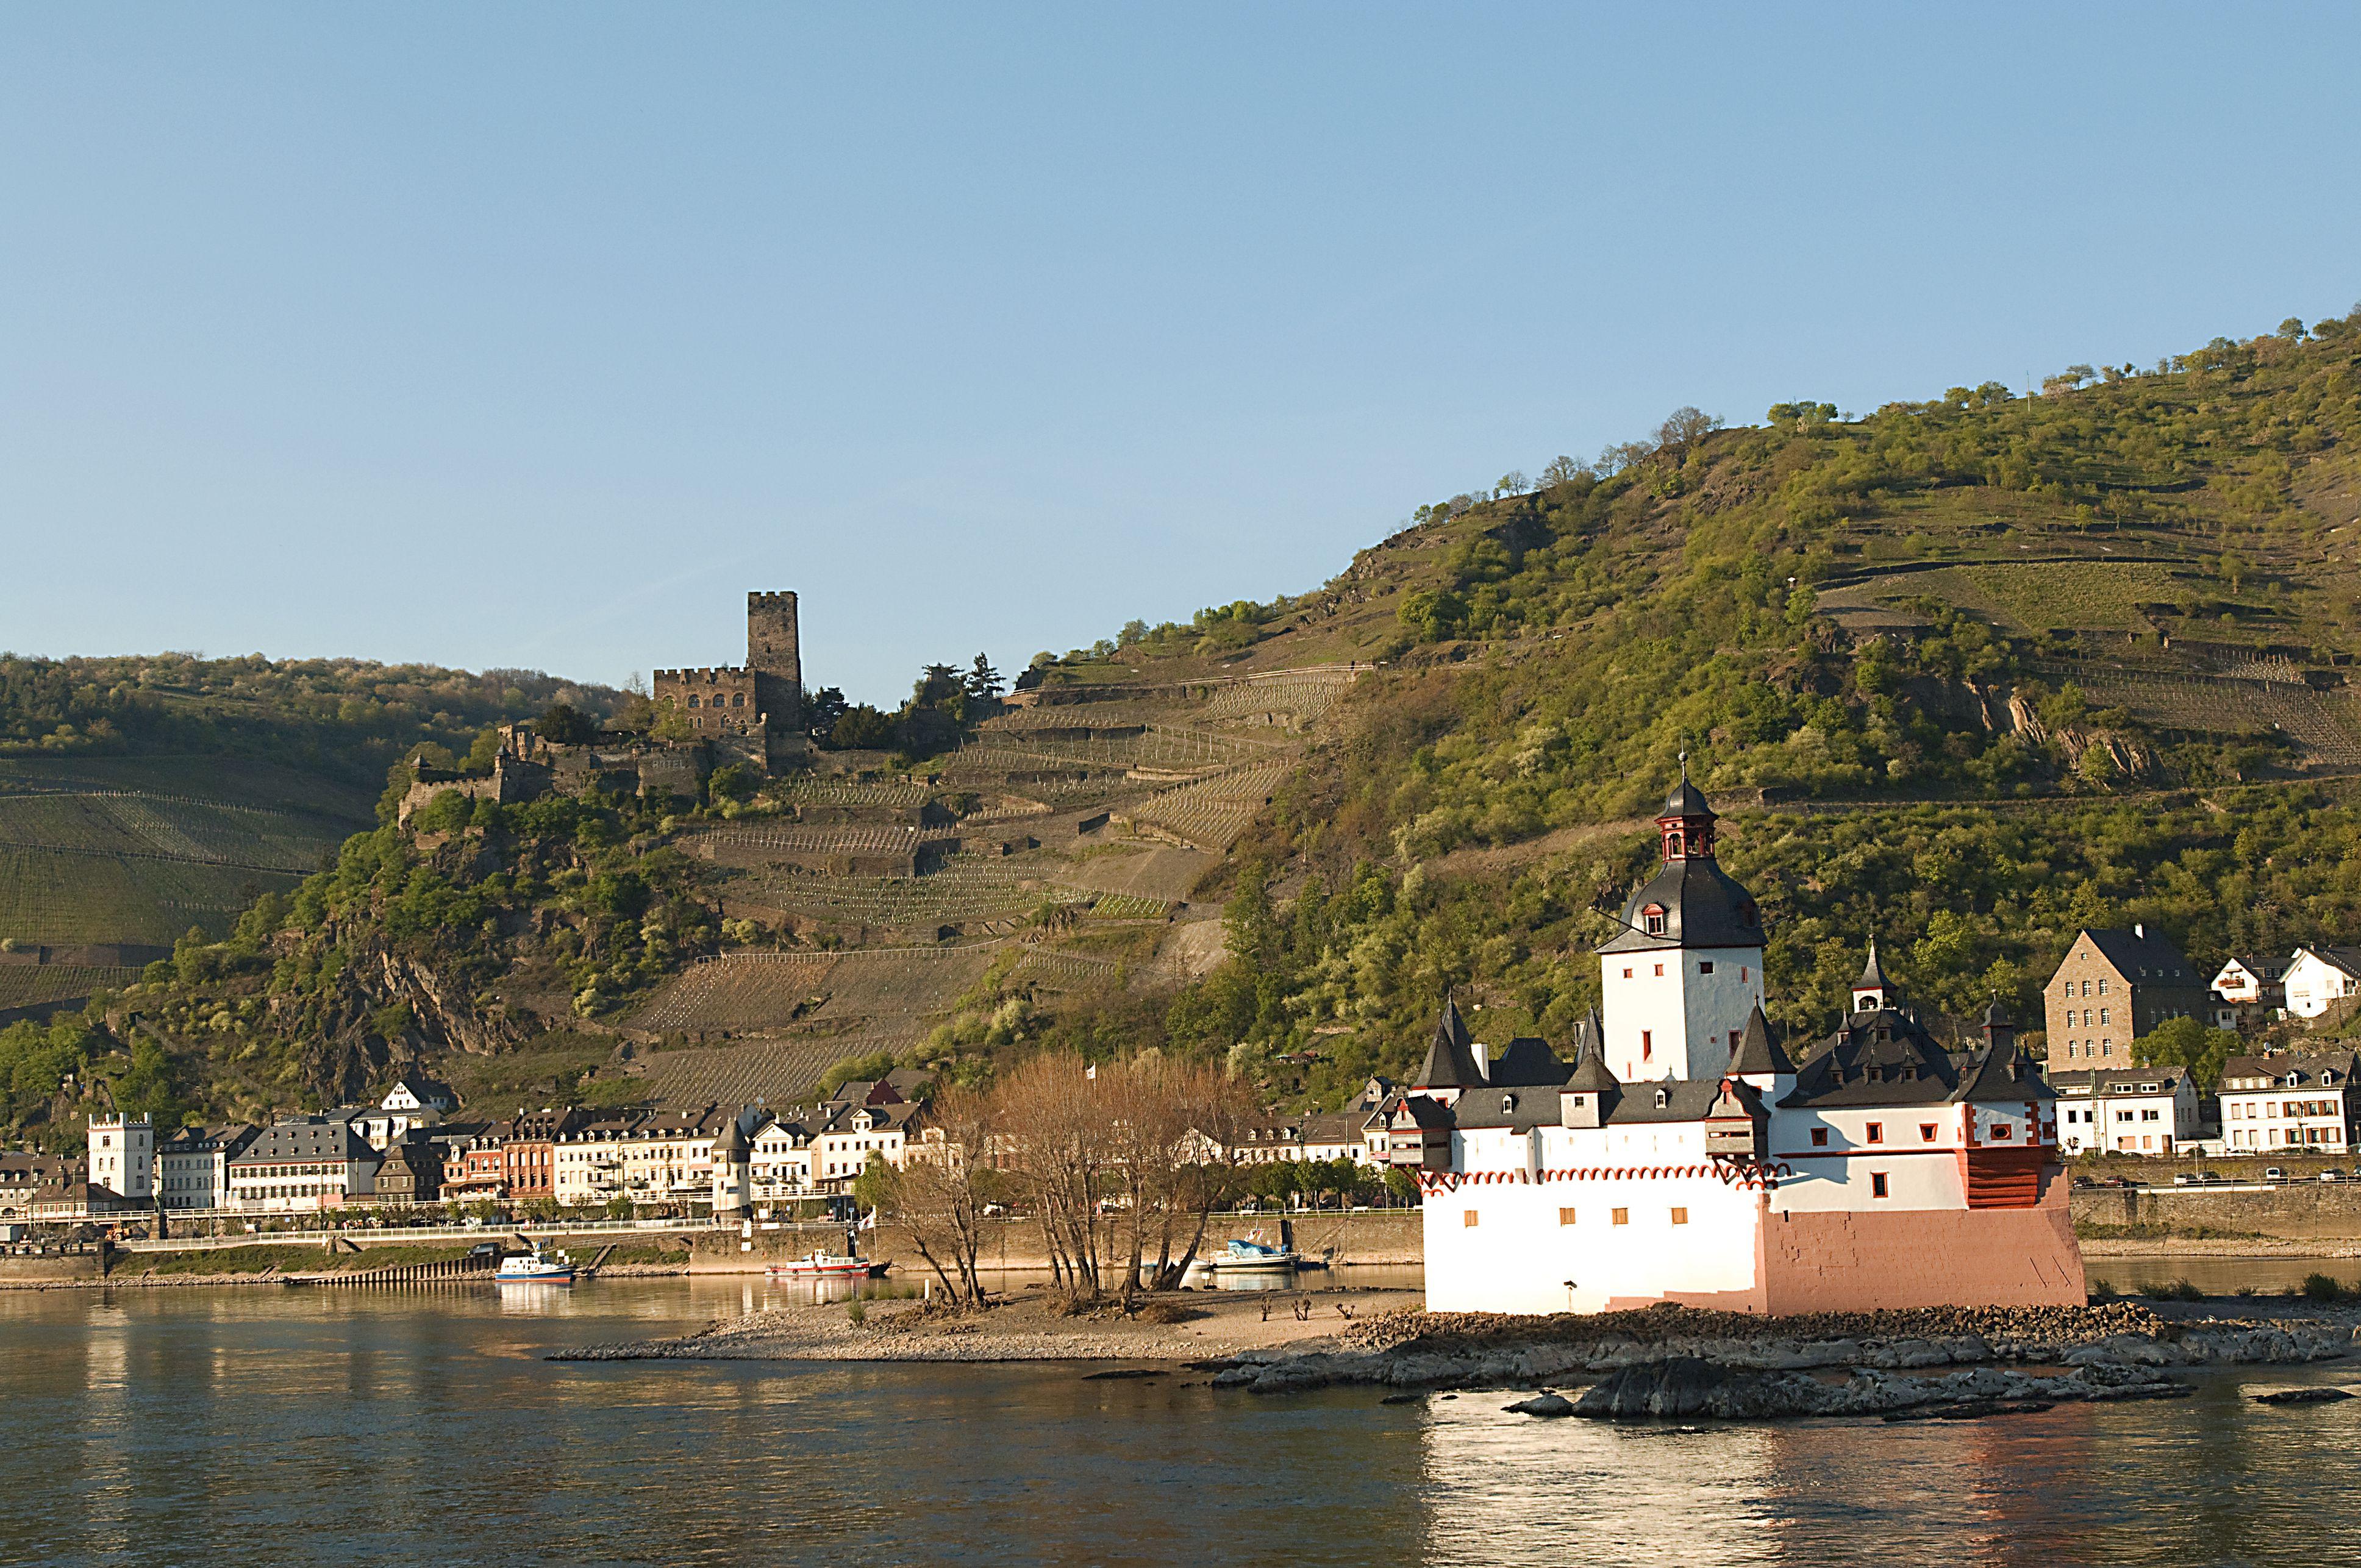 Burg Pfalzgrafenstein with Burg Gutenfels